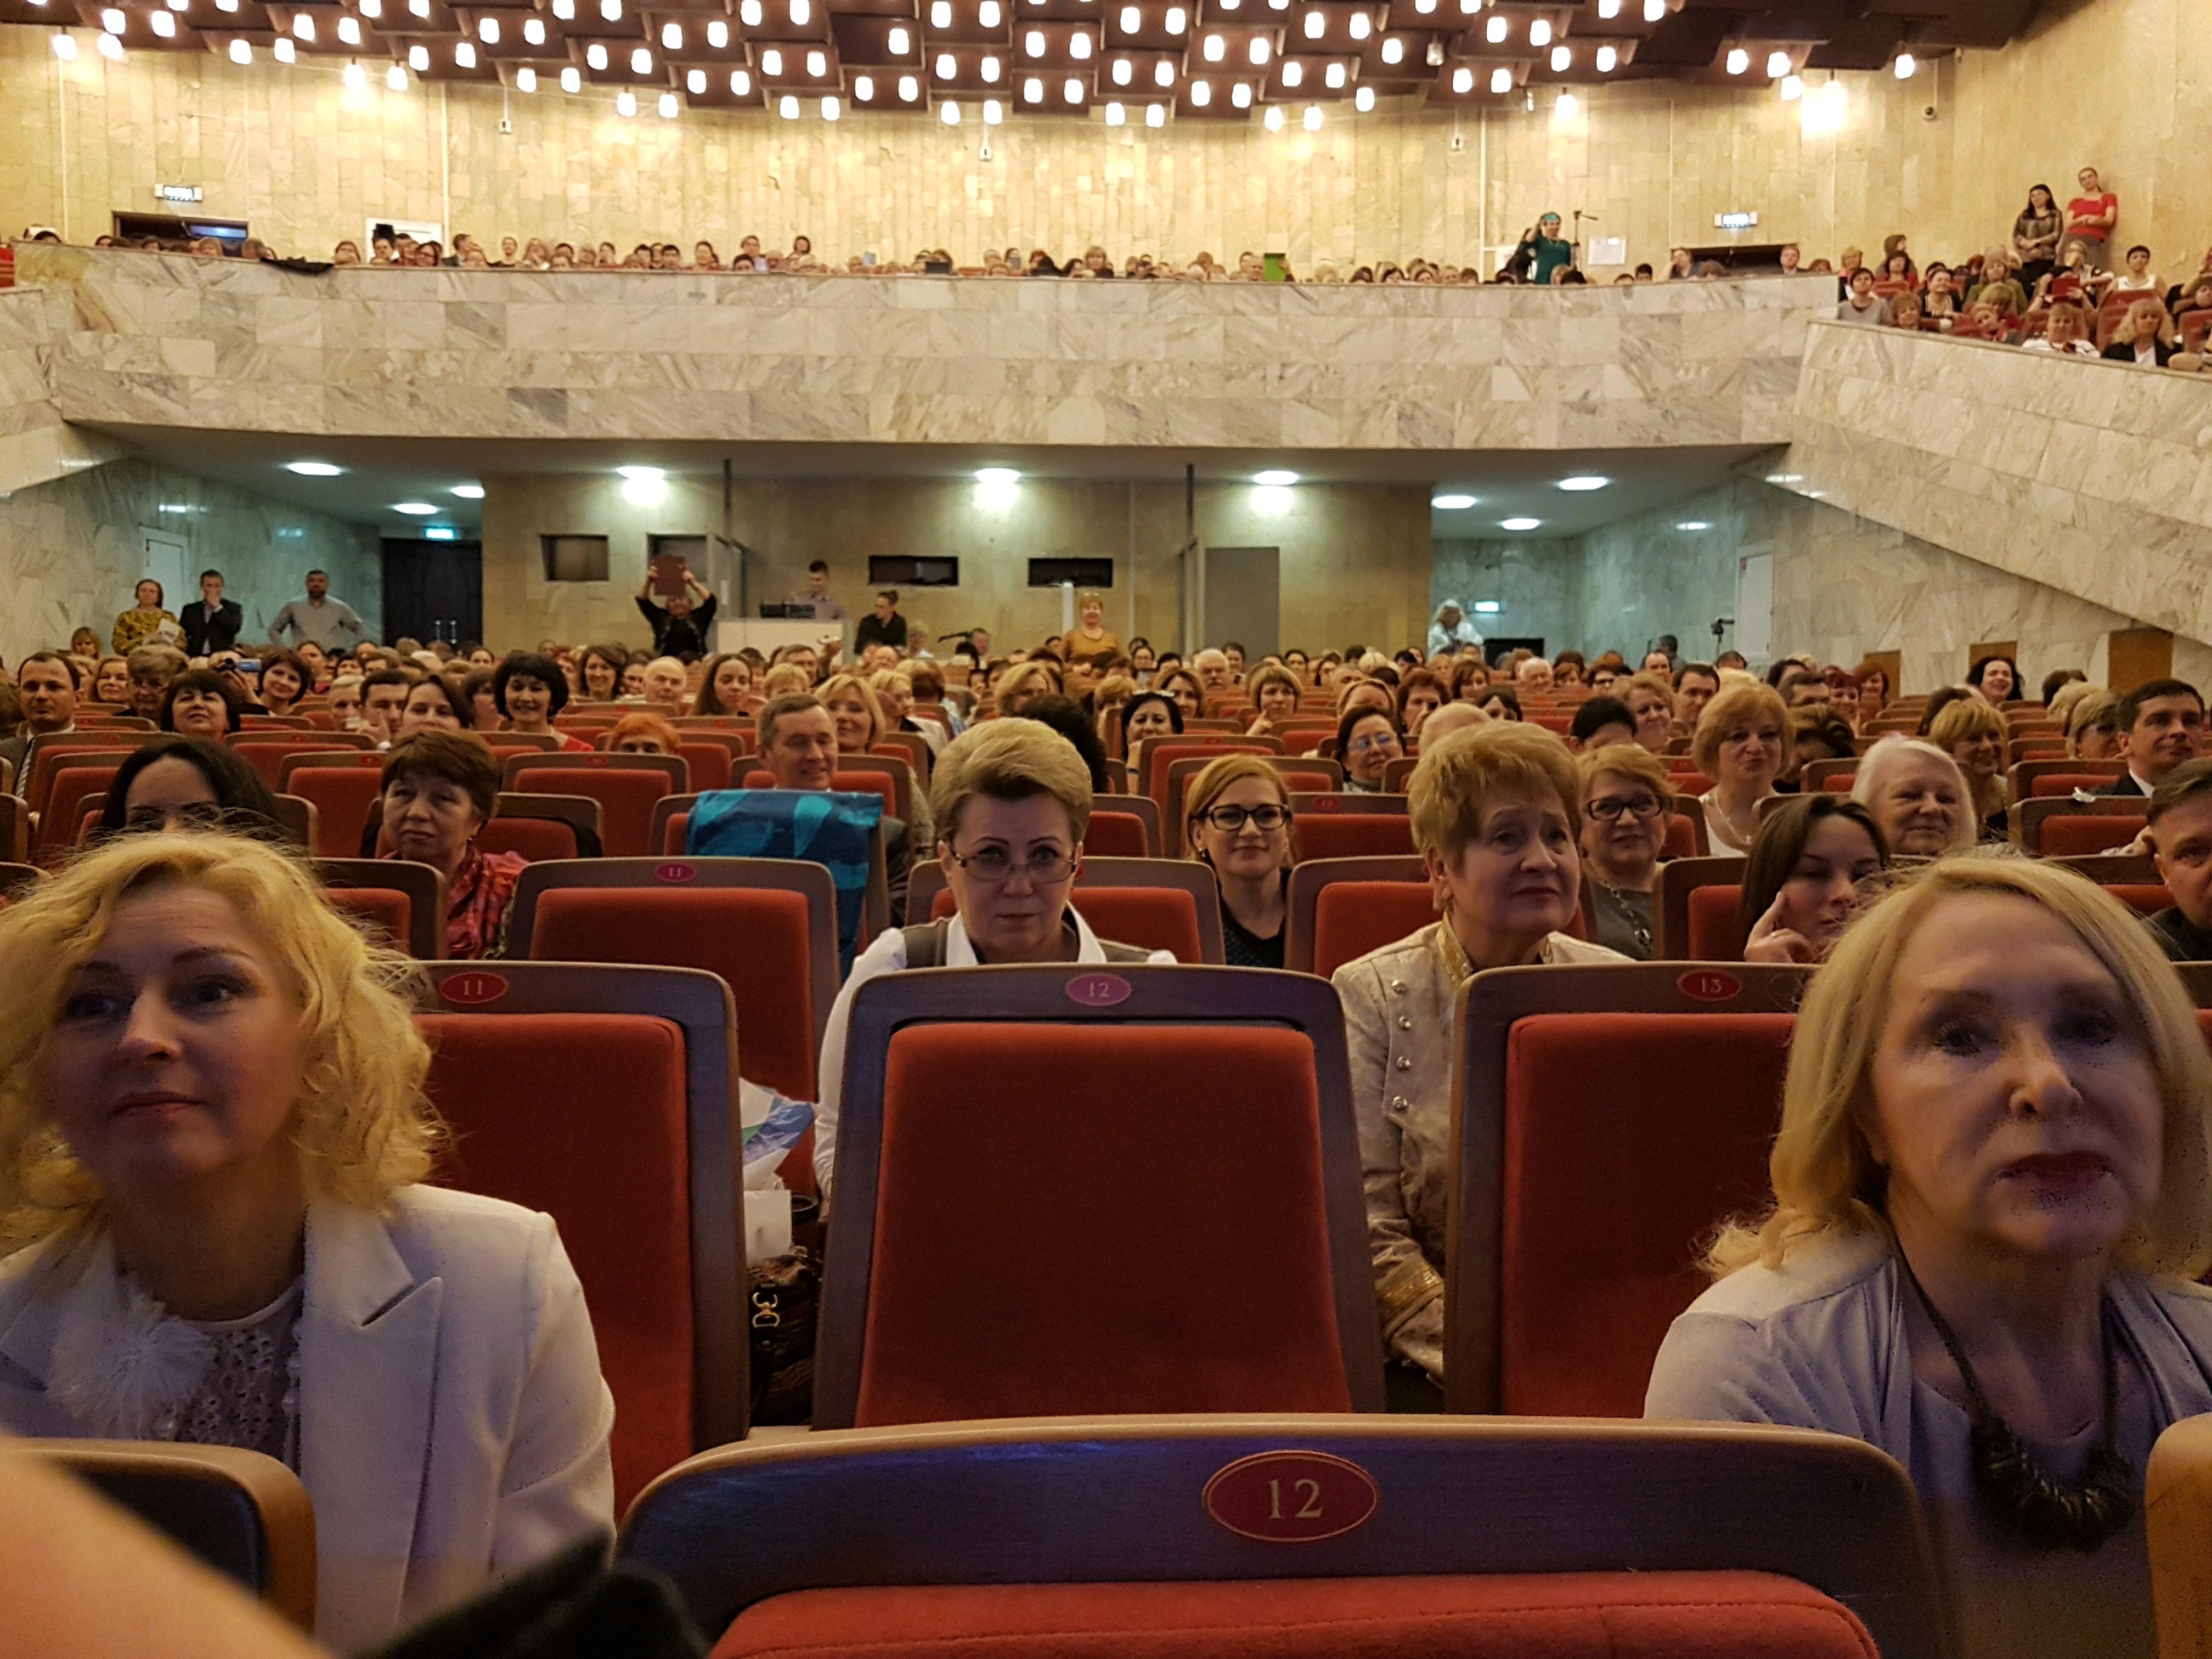 Концертный зал королевский схема зала фото 961